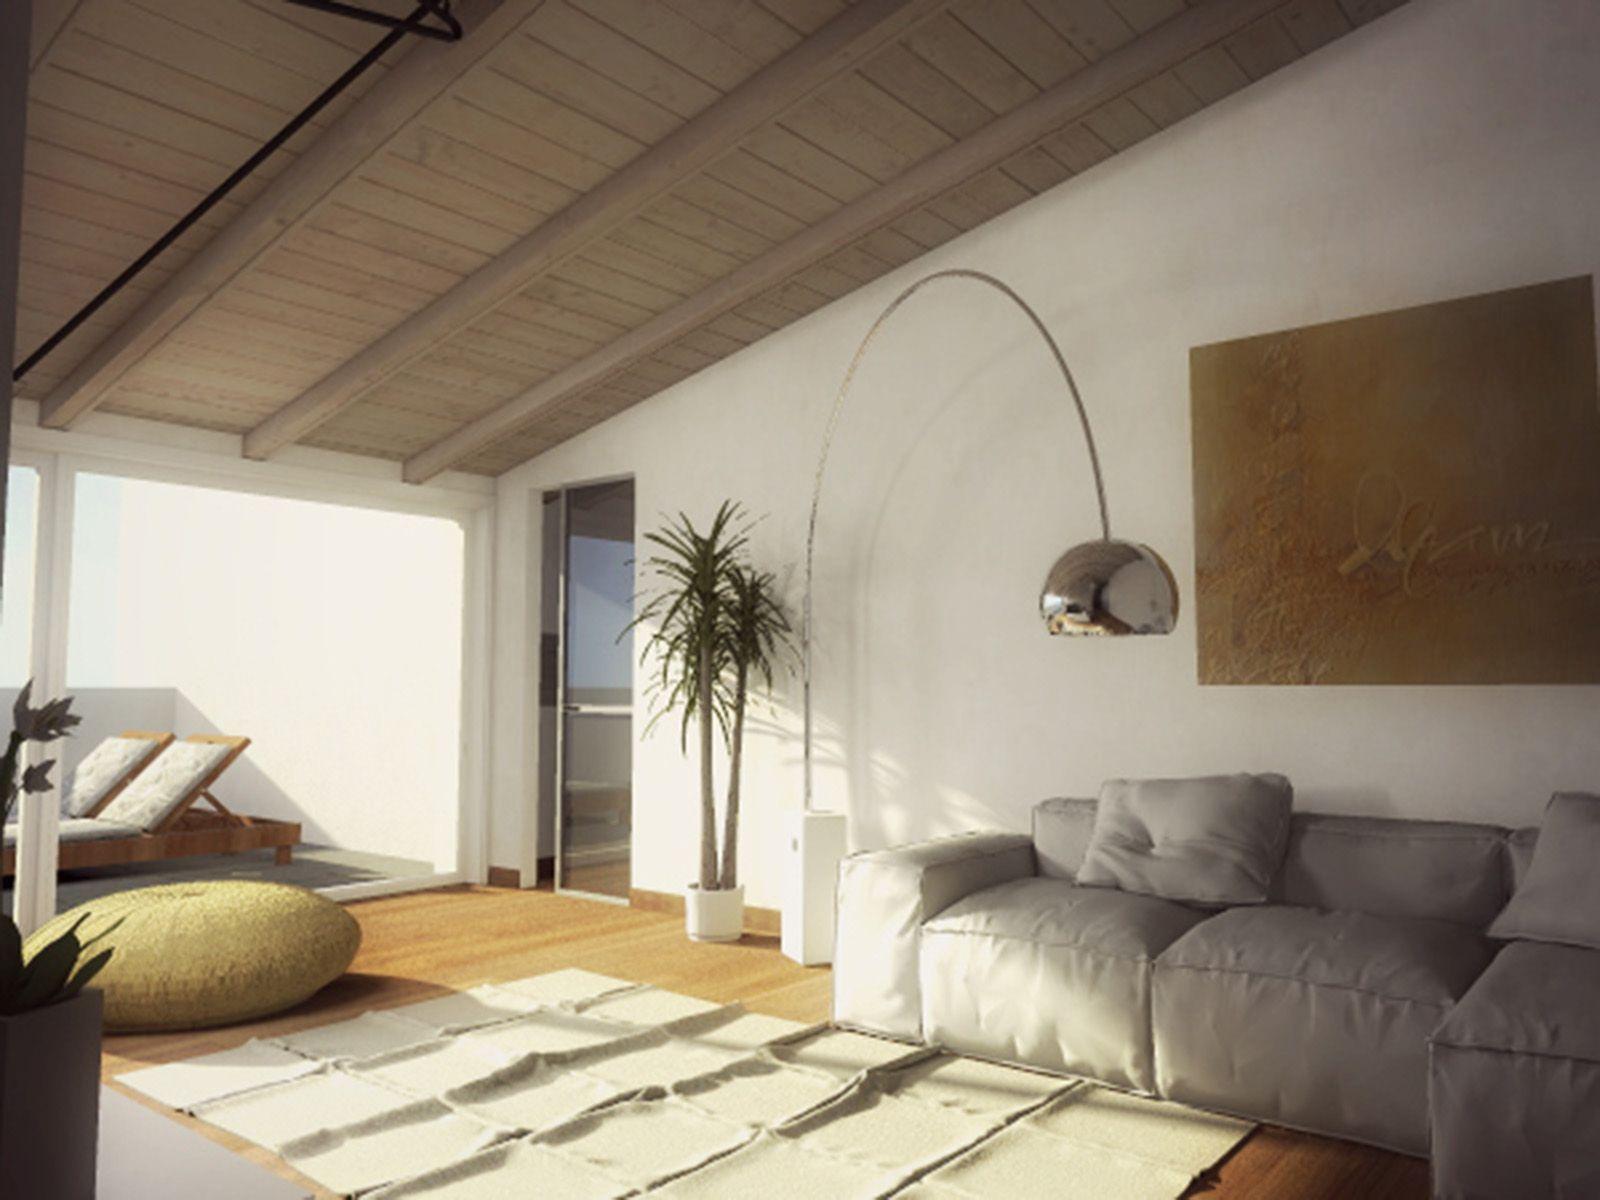 Lampade mansarda cerca con google illuminazione - Idee illuminazione soggiorno ...